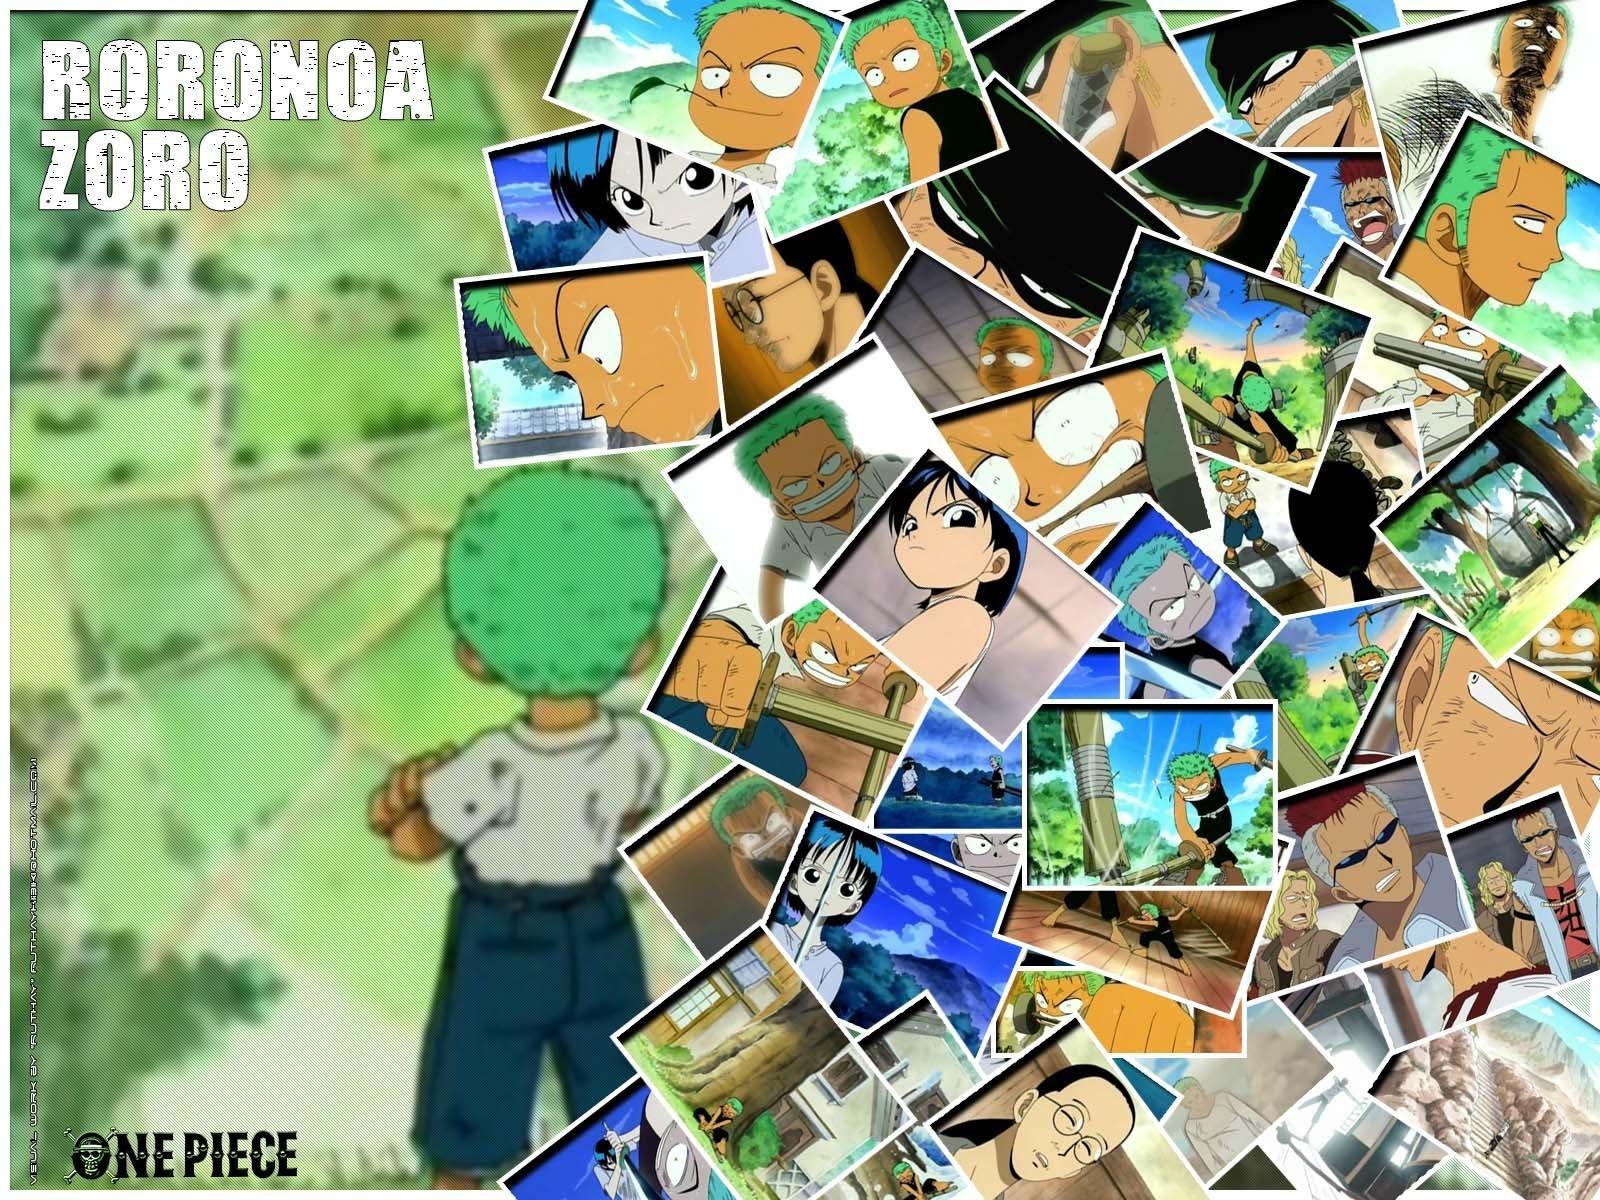 One Piece 1600x1200